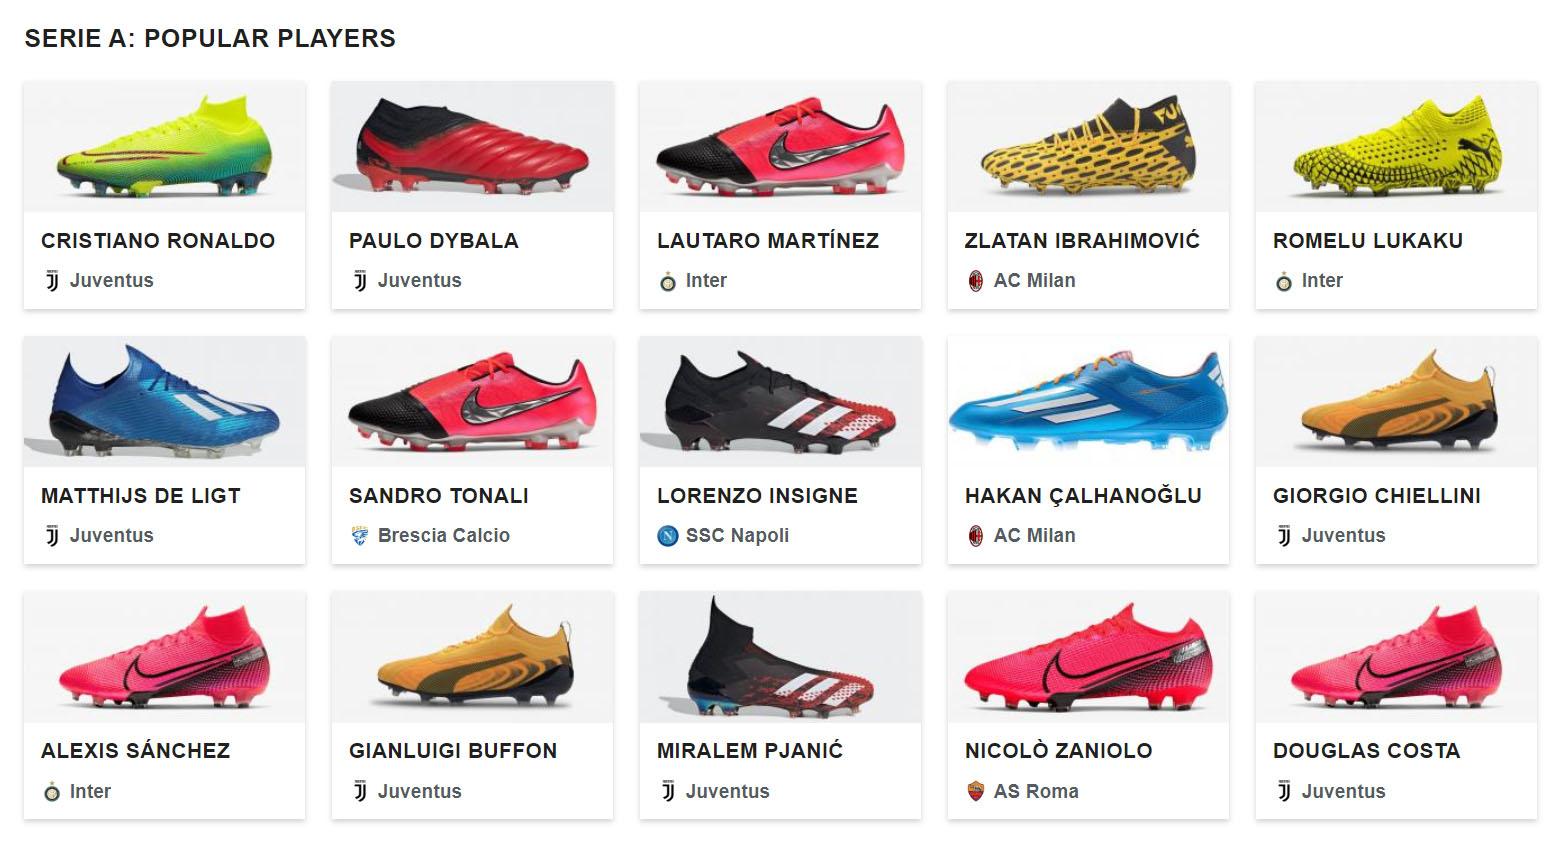 Một số dòng giày bóng đá các cầu thủ nổi bật tại Serie A đang sử dụng